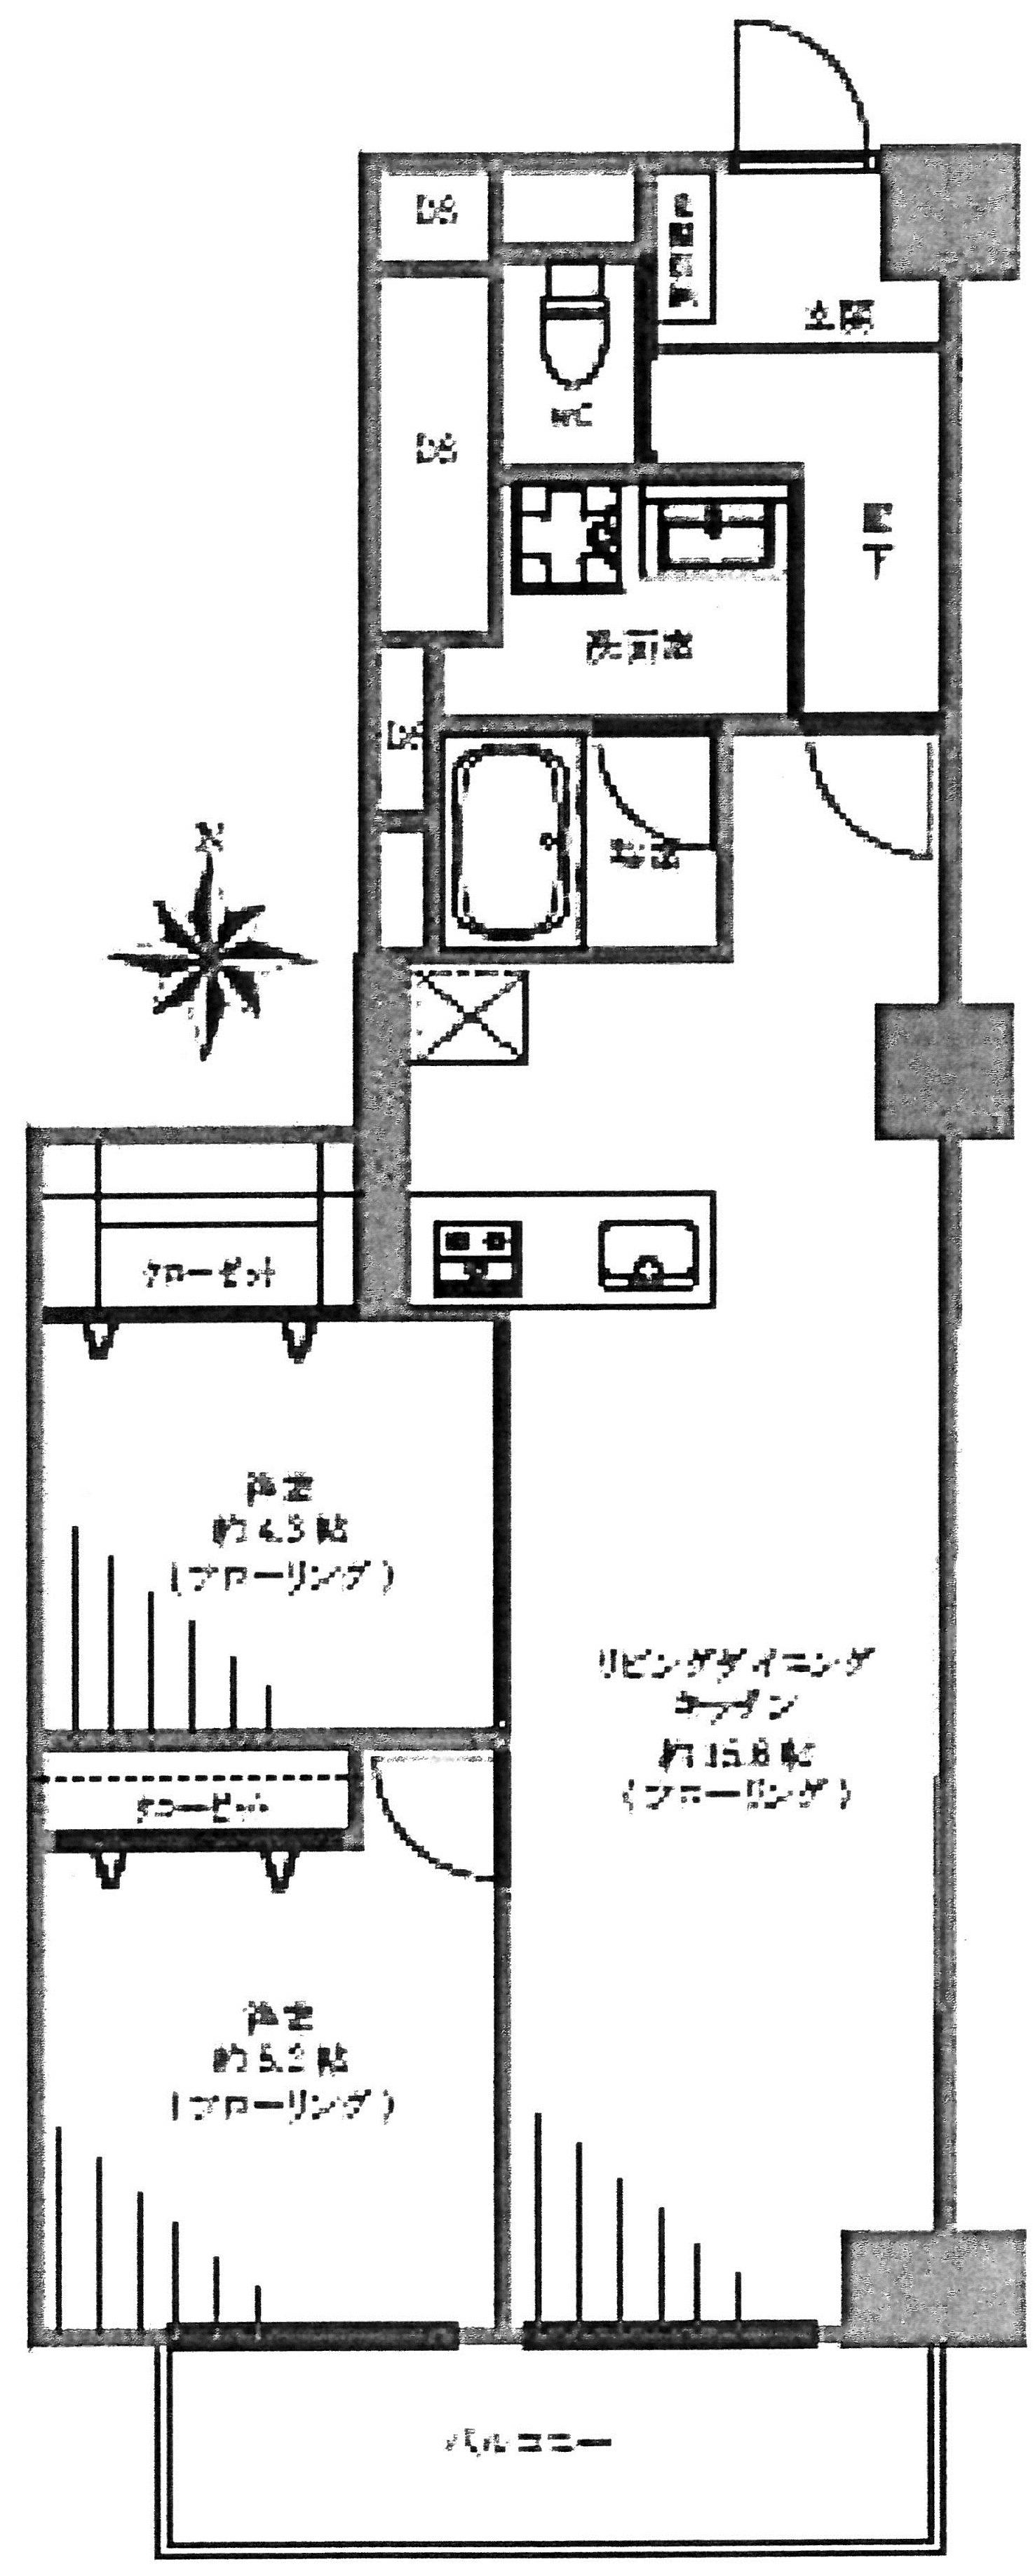 宮園キャピタルマンション☆8階部分☆南向き☆新規内装リフォーム済み☆